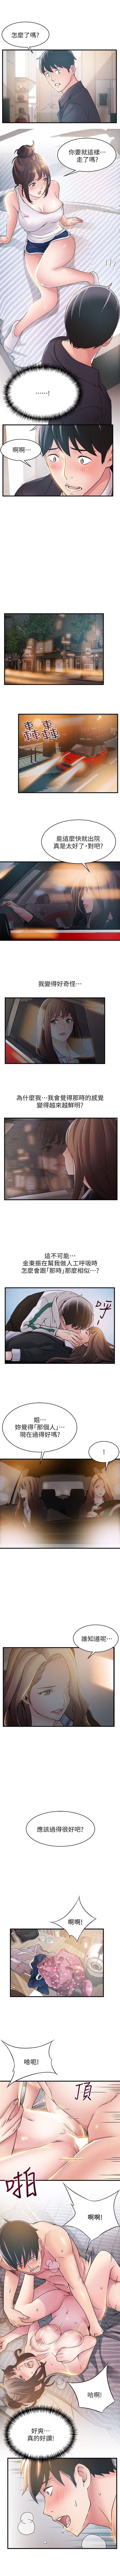 (週7)弱點 1-76 中文翻譯(更新中) 114